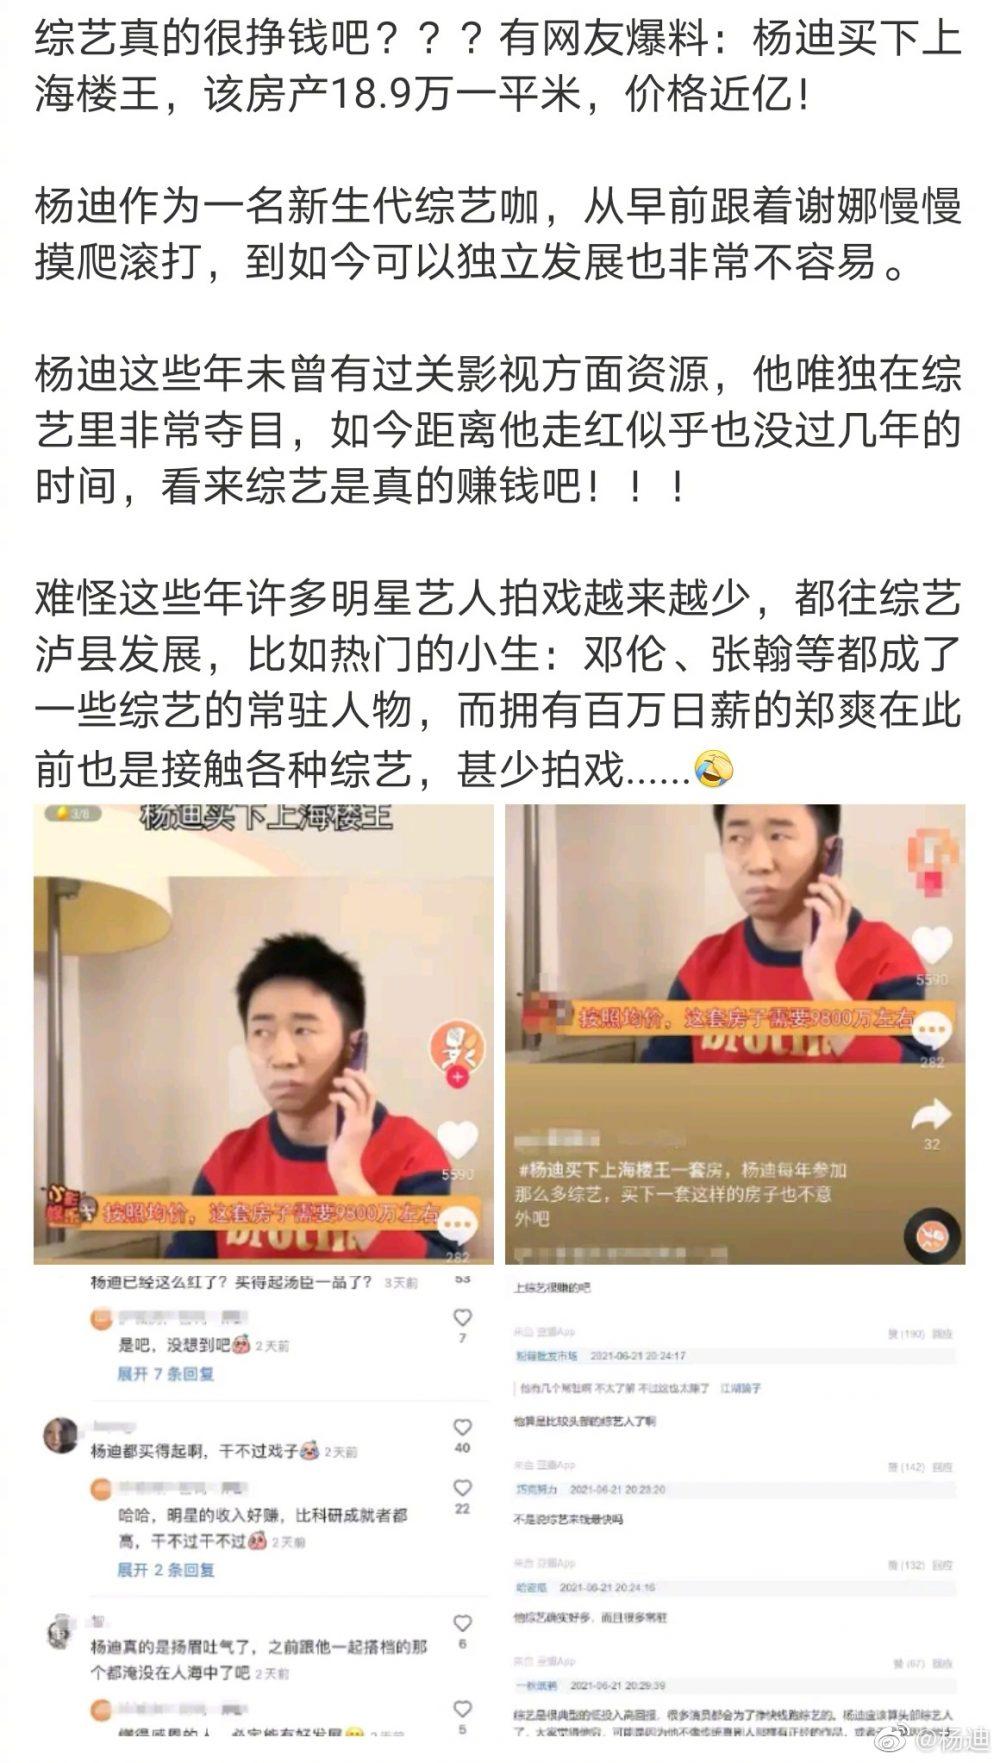 网爆杨迪购入近亿豪宅与黄晓明小S成邻居!本尊在线辟谣:多希望是真的-Woah.MY